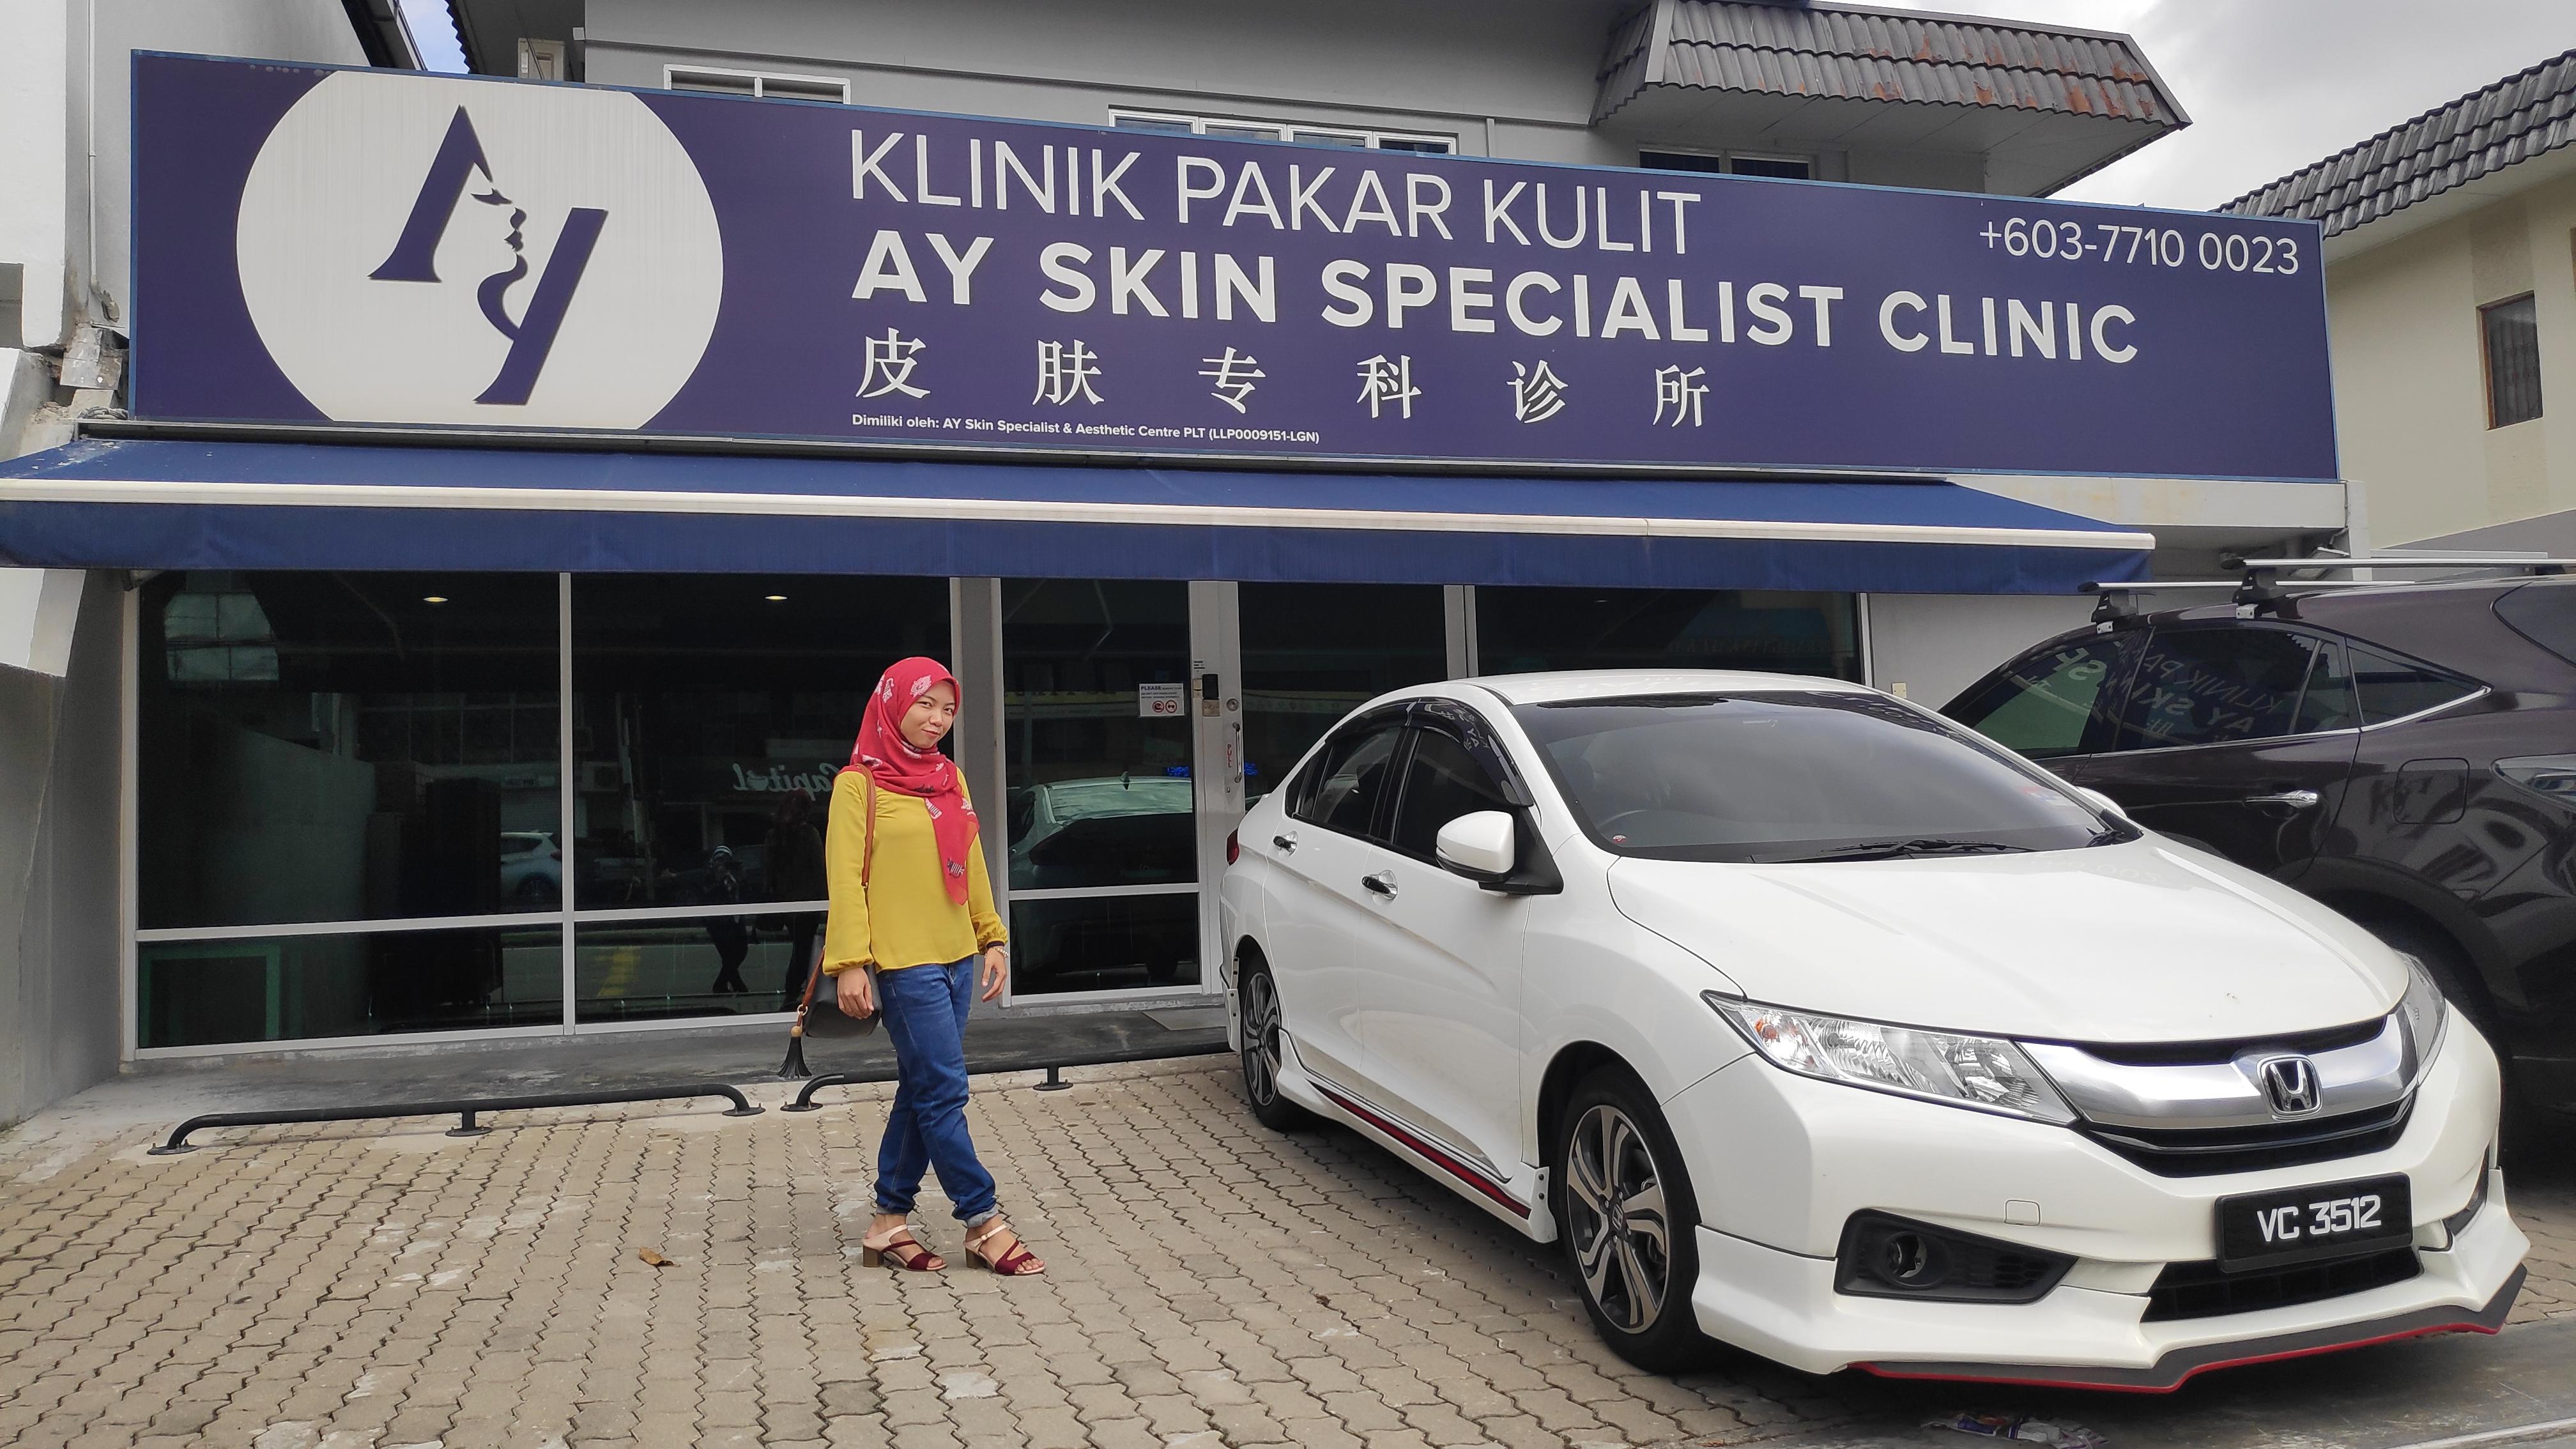 klinik pakar kulit ay skin specialist clinic